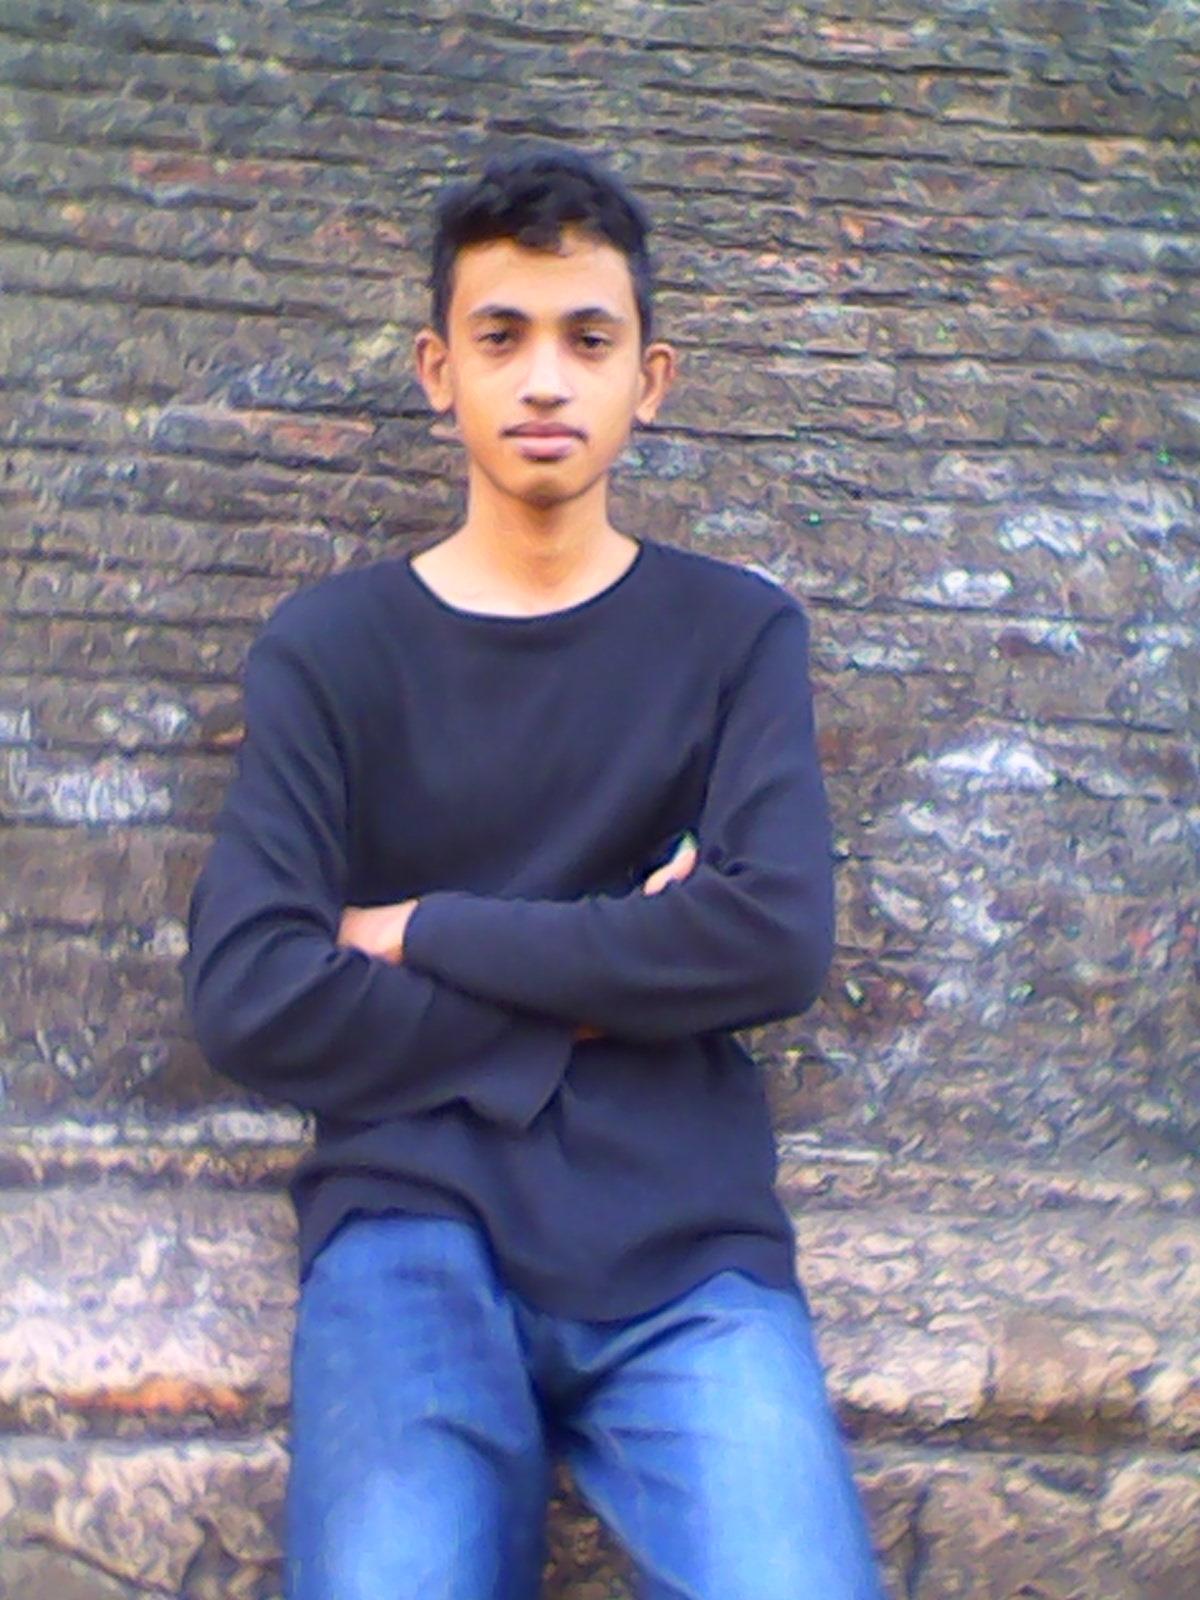 shshanto